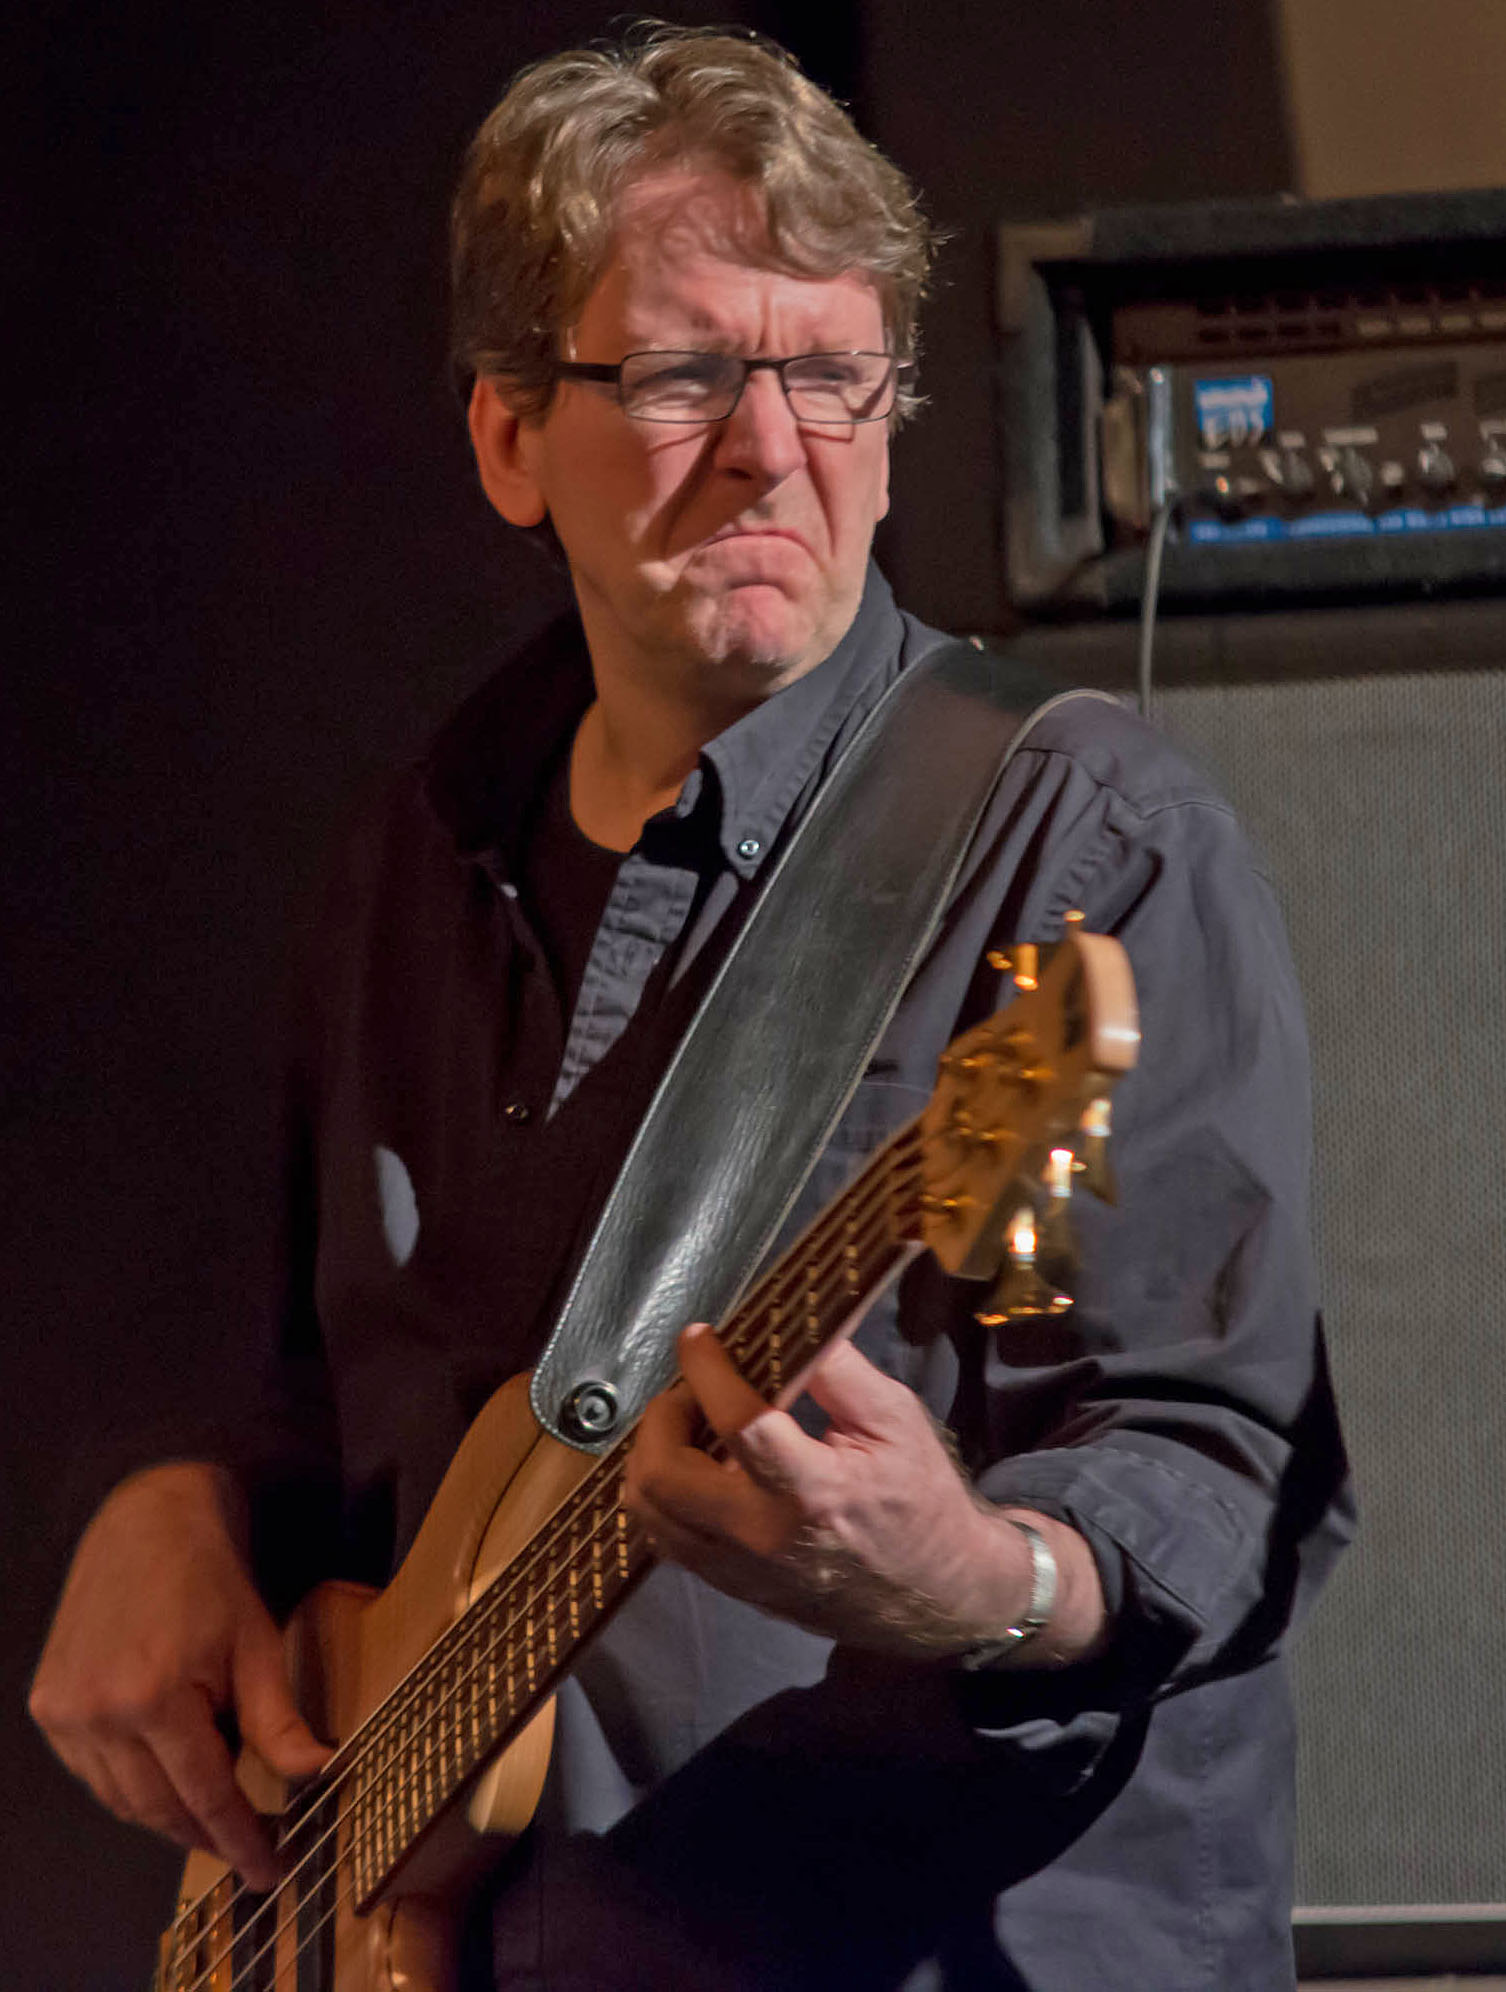 Jonas Knutsson/Tom Kennedy Quartet, 2012 Ume